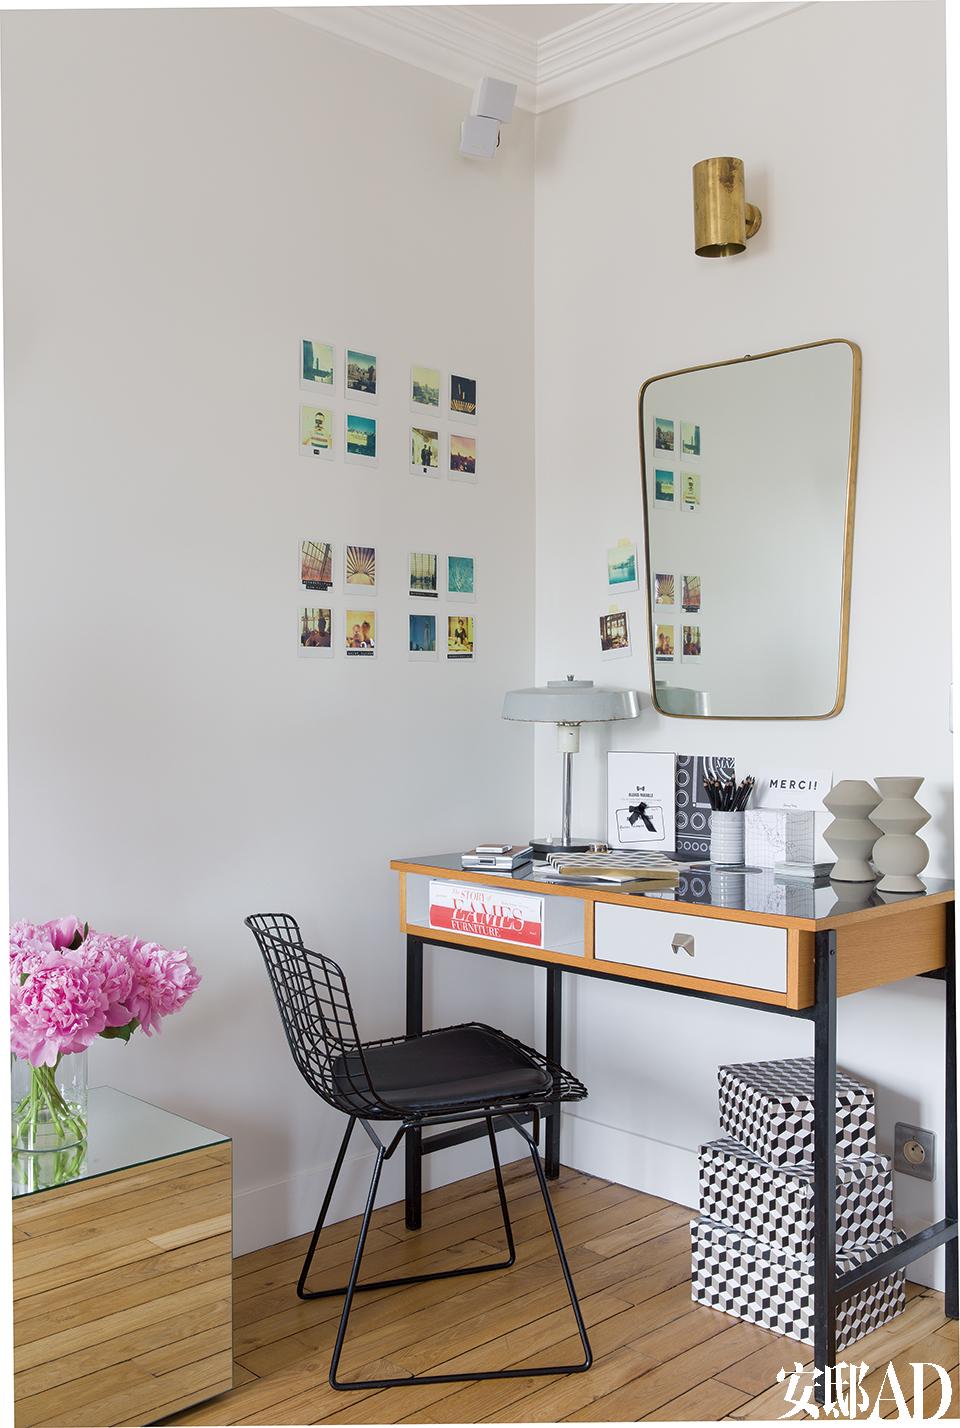 客厅一角的工作区,Bertoia Side Chair复古写字椅由Harry Bertoia在1952年设计,购自巴黎的Galerie Espaces 54,镜面的木柜来自Habitat。20世纪60年代丹麦风格的写字台是从一间过火后的废旧工厂里寻得的,被烧毁的表面如今重新贴上了塑料材质,购自巴 黎Nordik Market,桌上的两只丹麦花瓶同样来自那里,写字台下的黑白格盒子来自AM-PM。20世纪50年代的意式铜框镜来自巴黎Rue de Lille路上的一名古董商,墙上的宝丽来照片就是Christope在纽约的旅行记录。